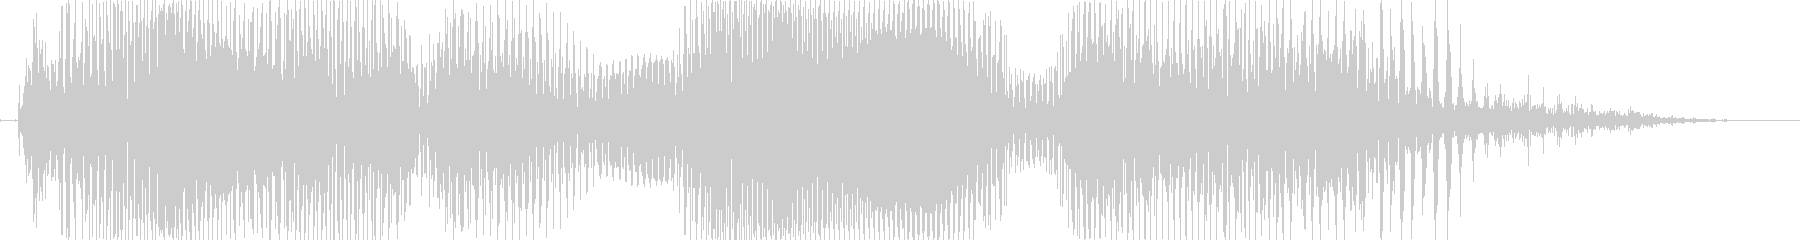 トルネード!の未再生の波形